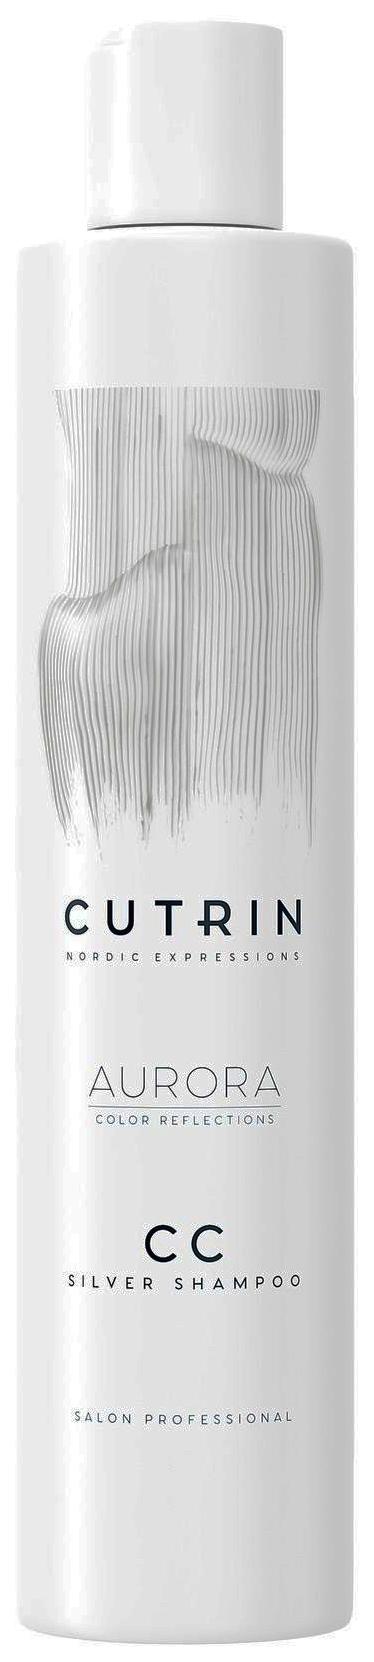 Купить Шампунь AURORA для тонирования волос CUTRIN Серебристый иней 250 мл